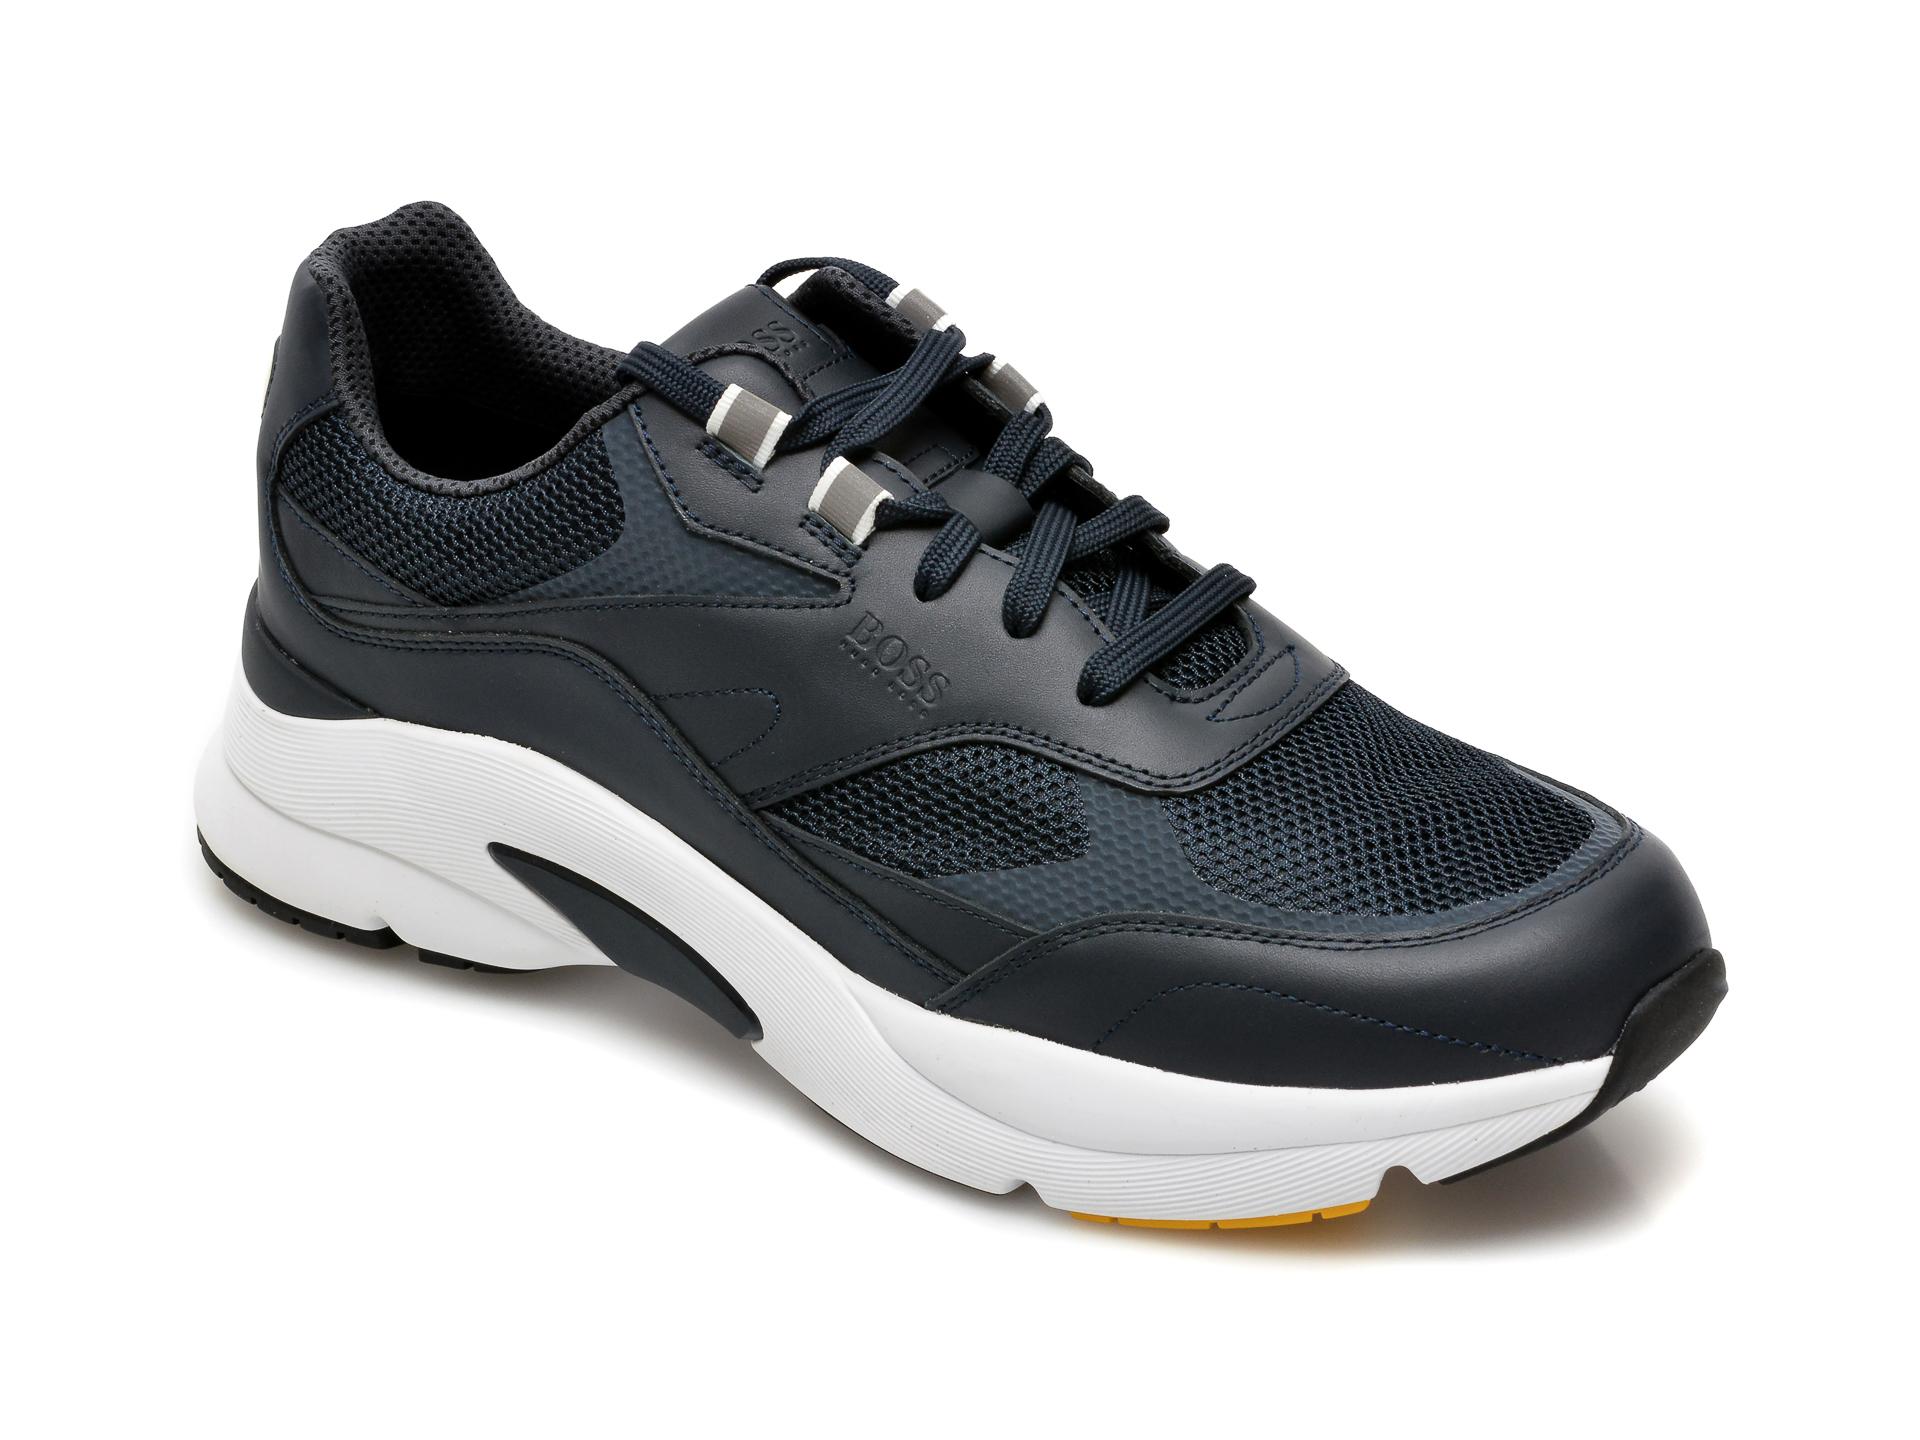 Pantofi sport HUGO BOSS bleumarin, 2049, din material textil si piele naturala imagine